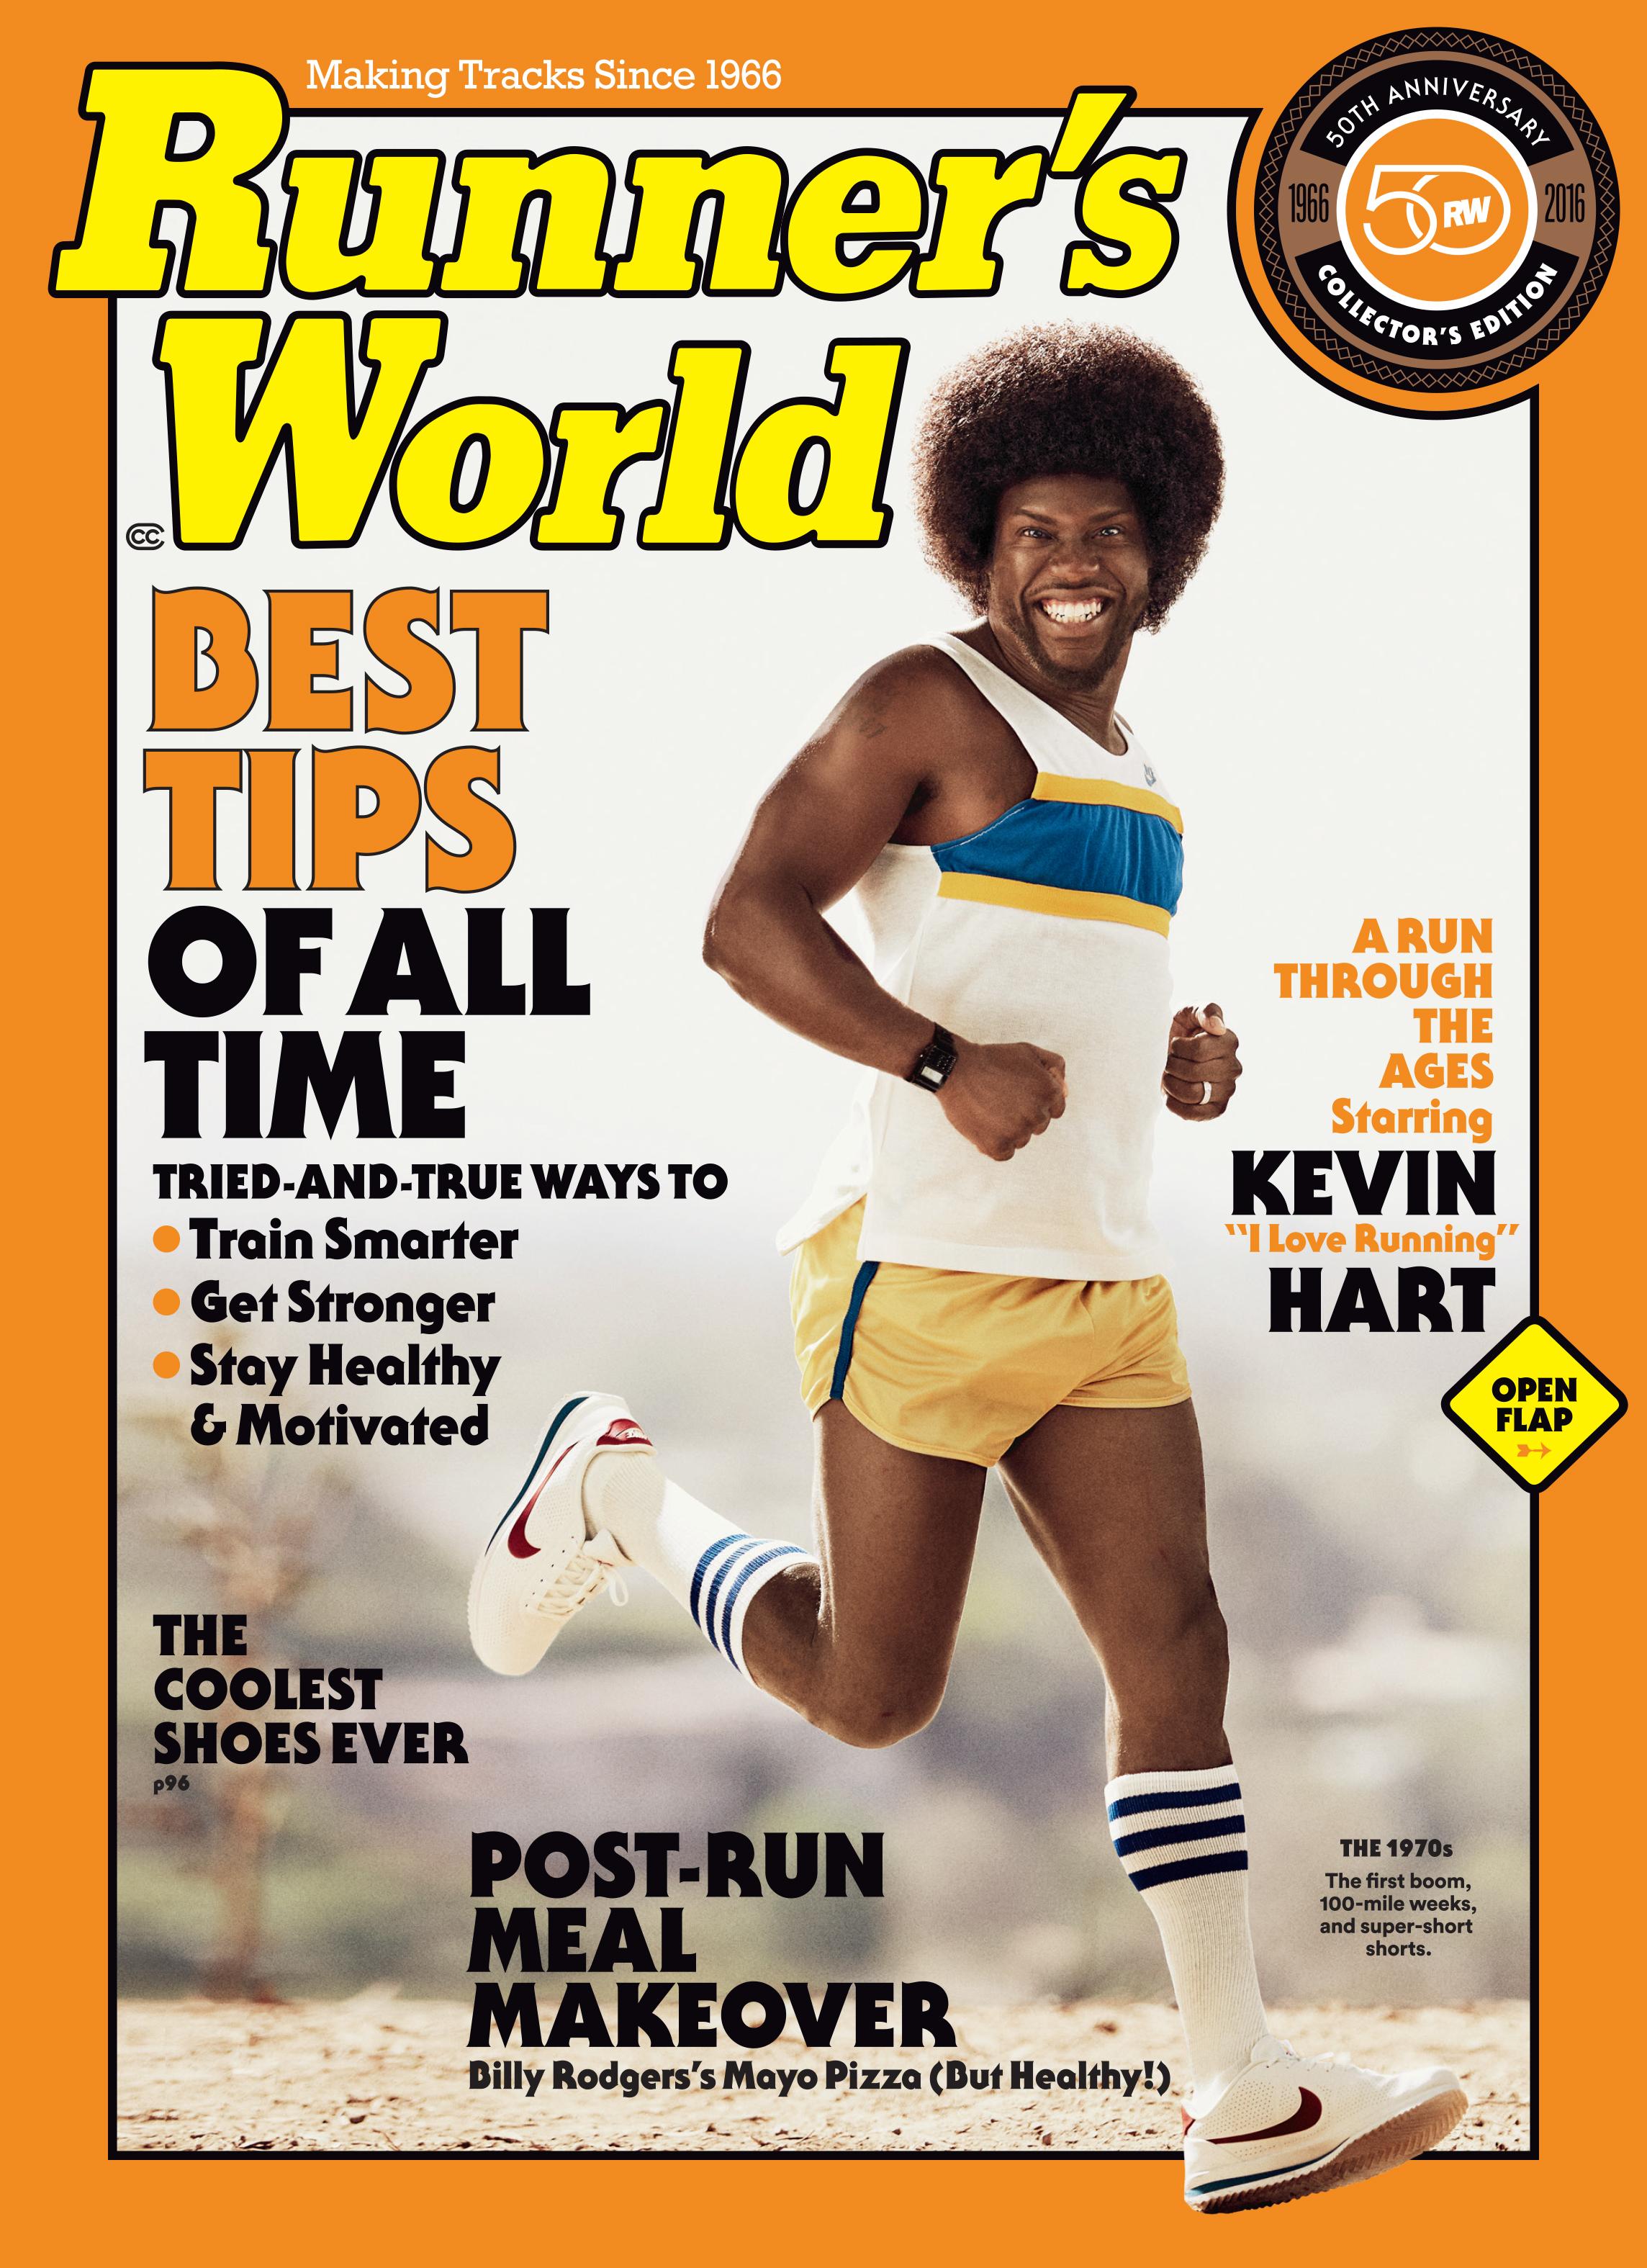 nike free reviews runners world magazine